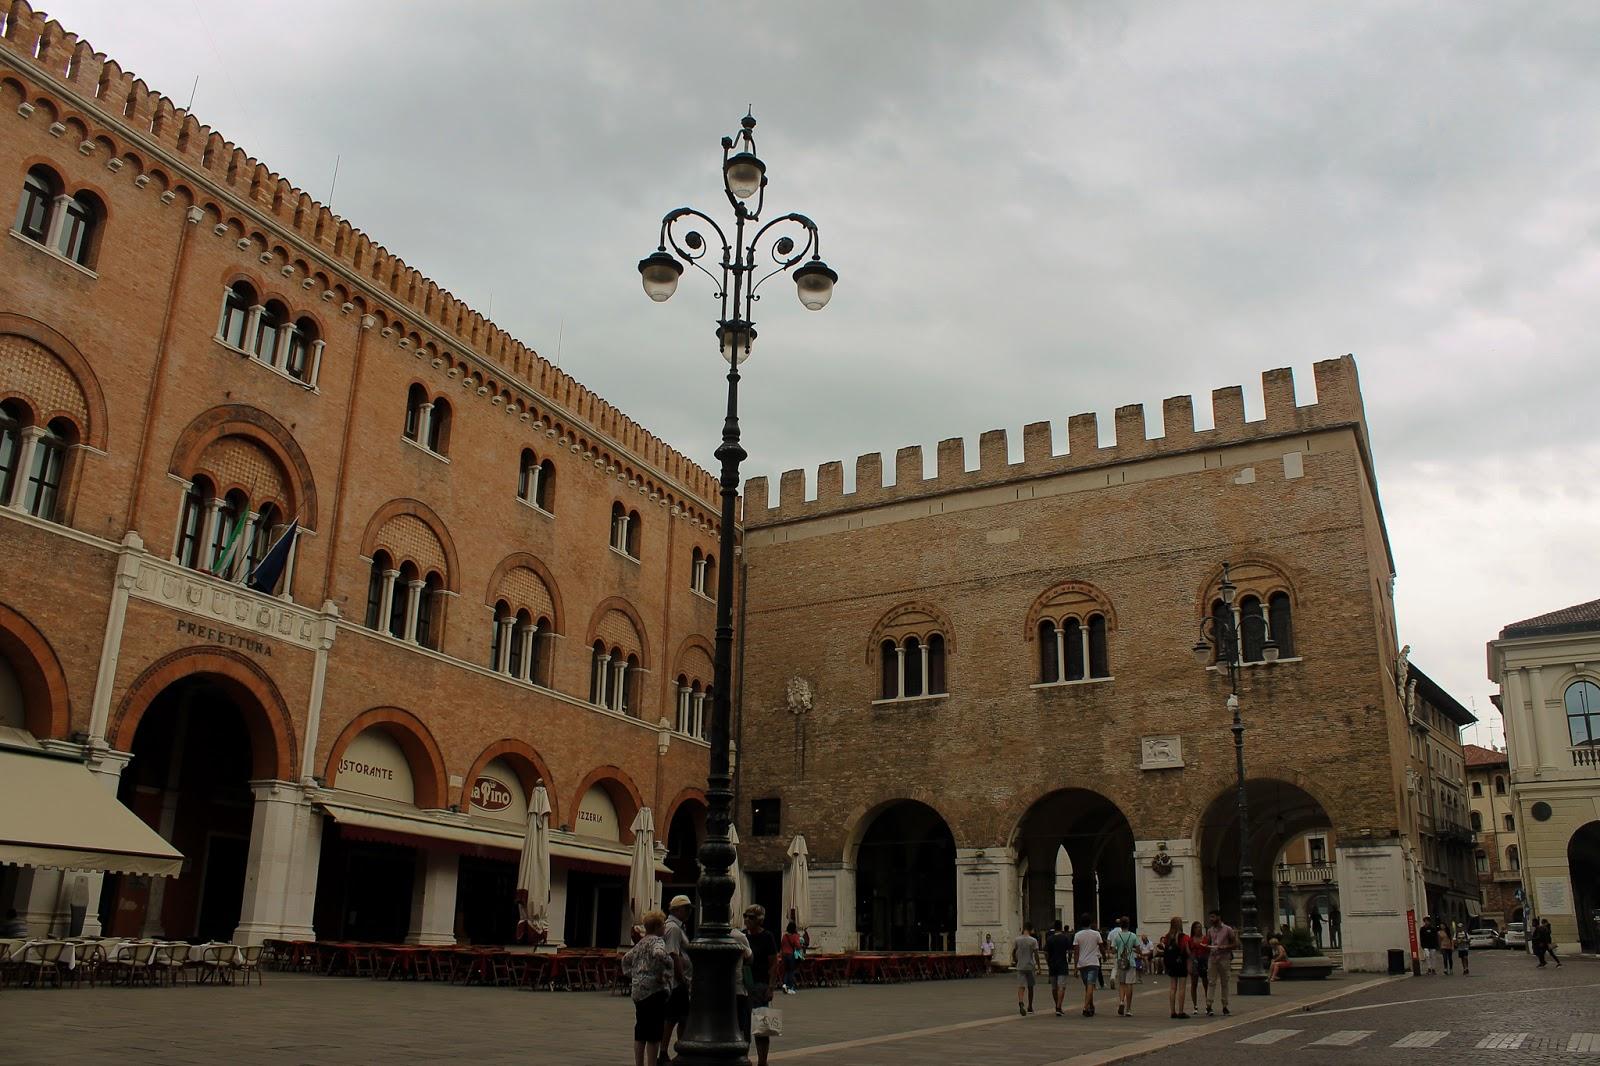 Piazza di Treviso